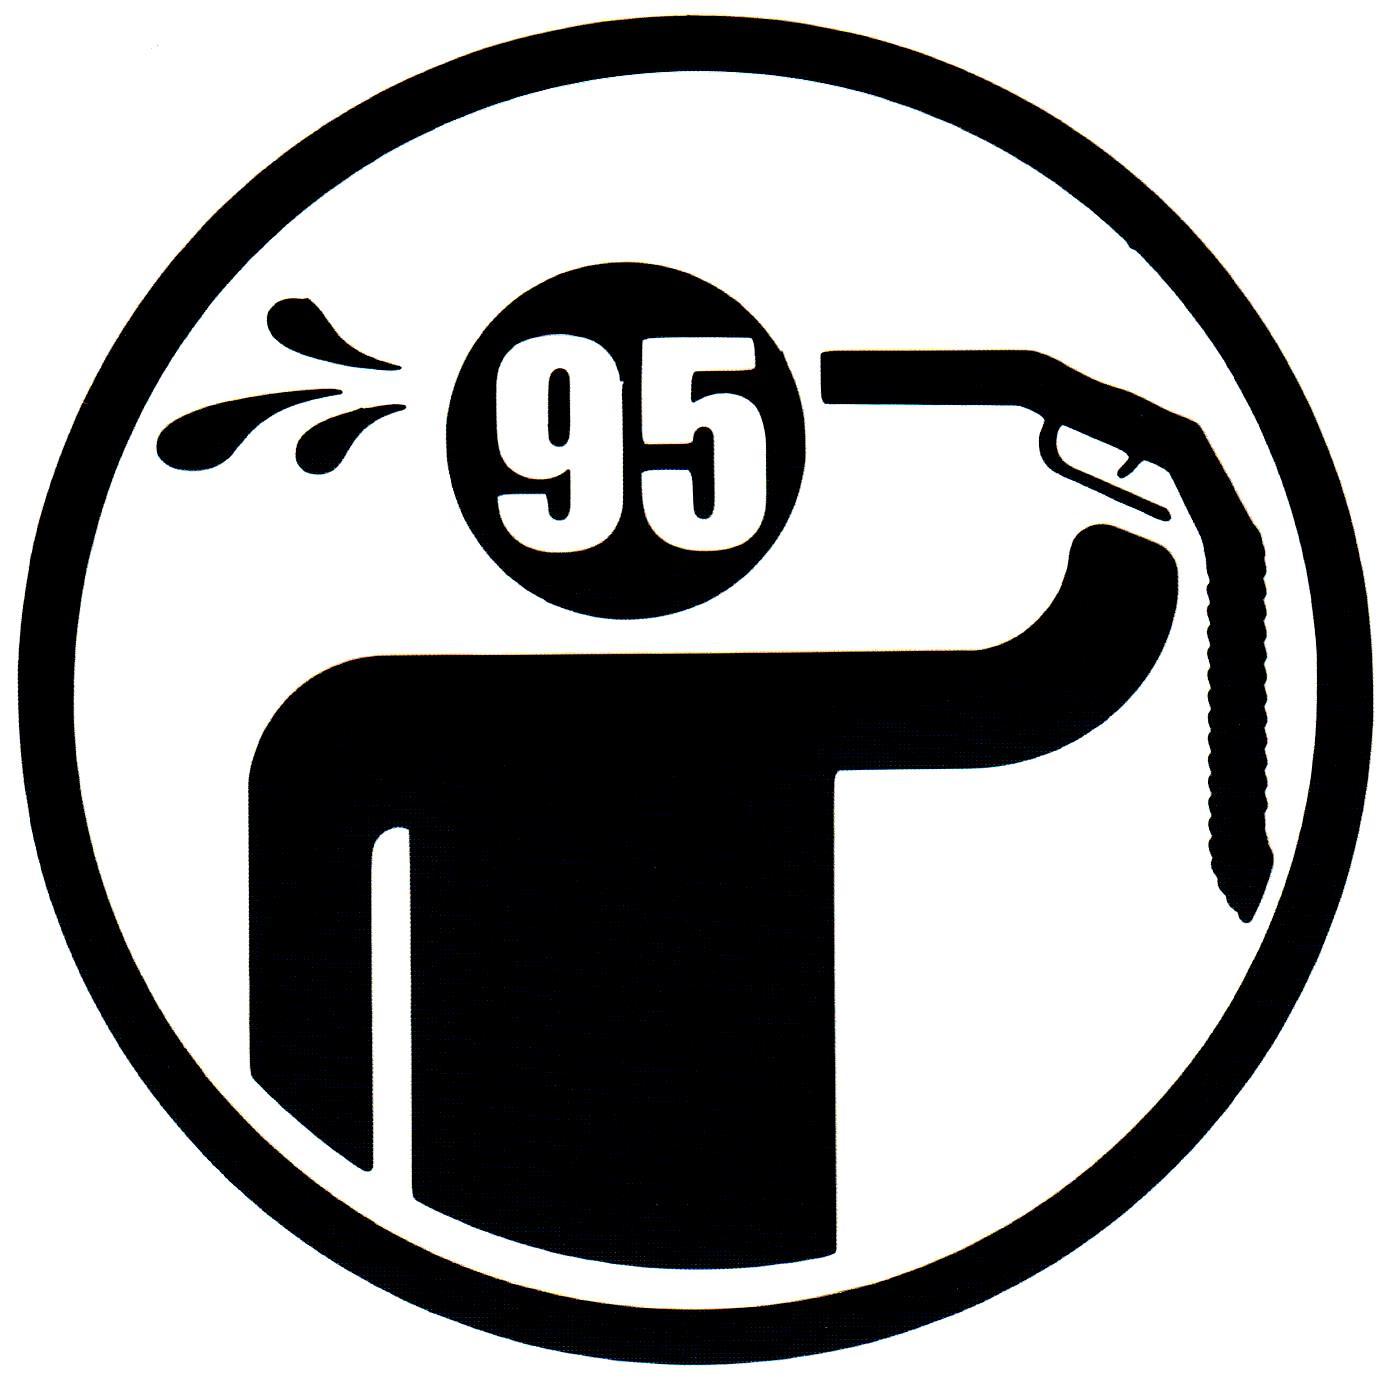 Наклейка автомобильная Mashinokom Цена АИ-95, VRC 015-12, 11,5*11,5 см наклейка автомобильная decoretto великая отечественная виниловая 37 х 50 см